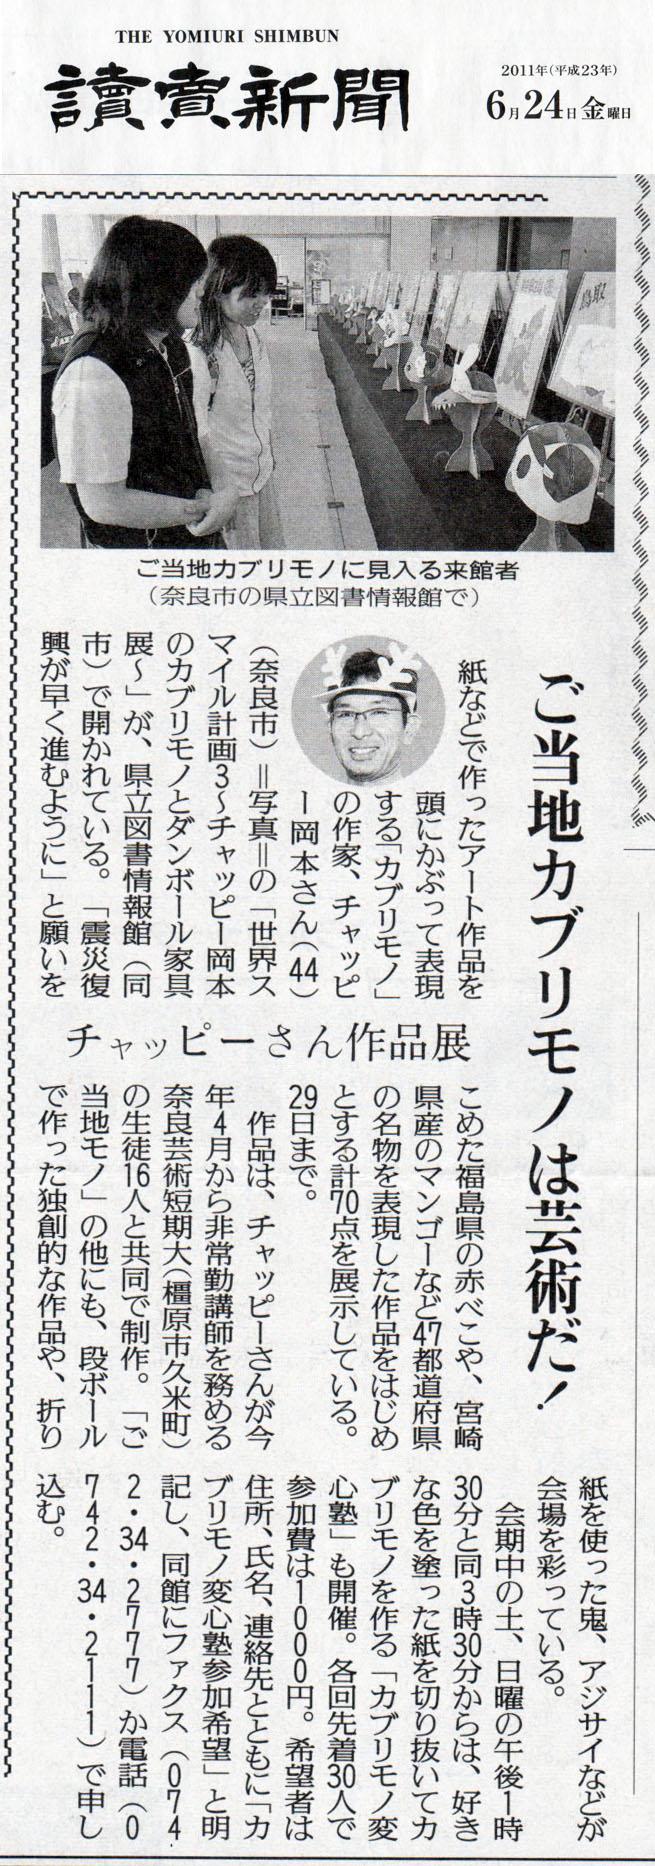 読売新聞世界スマイル計画3